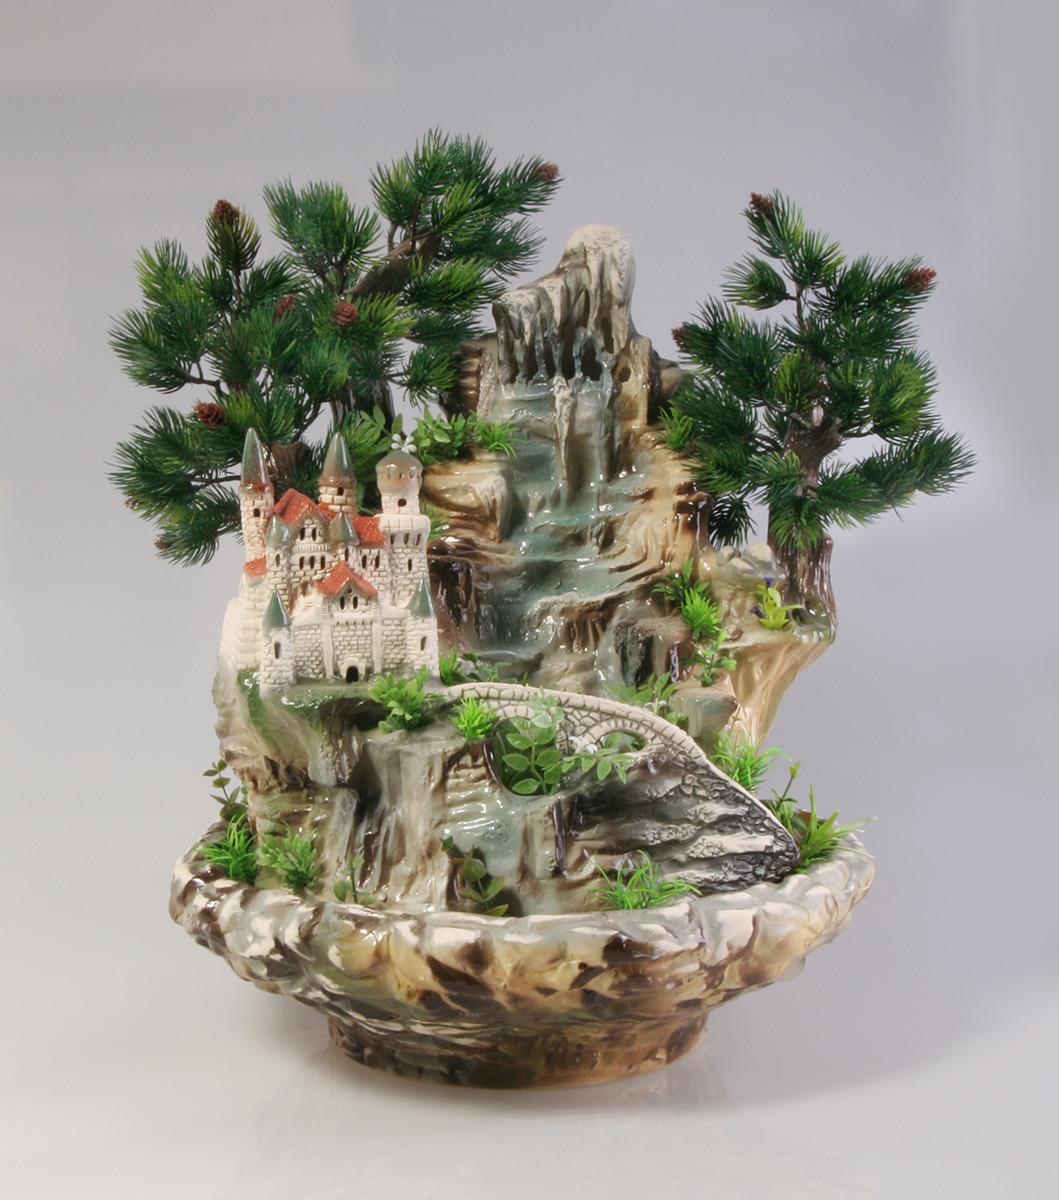 Декоративные фонтаны для квартиры настольные своими руками 22